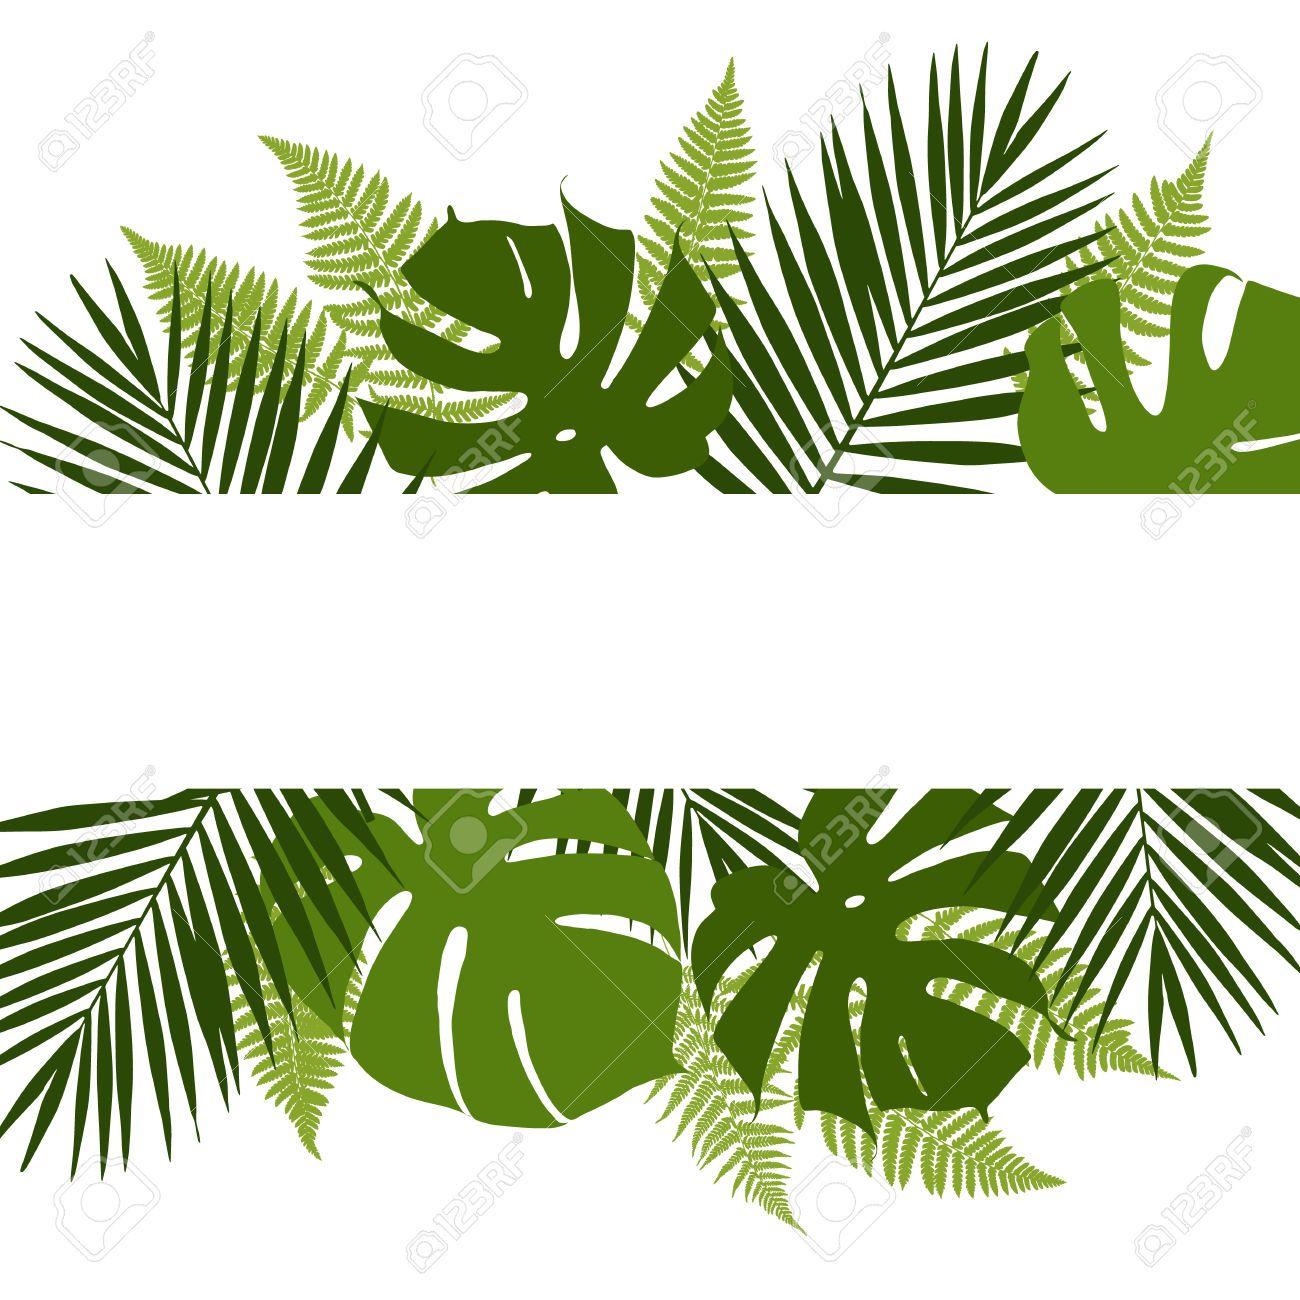 328 777 Jungle Stock Vector Illustration And Royalty Free Jungle Leaf Background Flower Frame Leaf Wallpaper